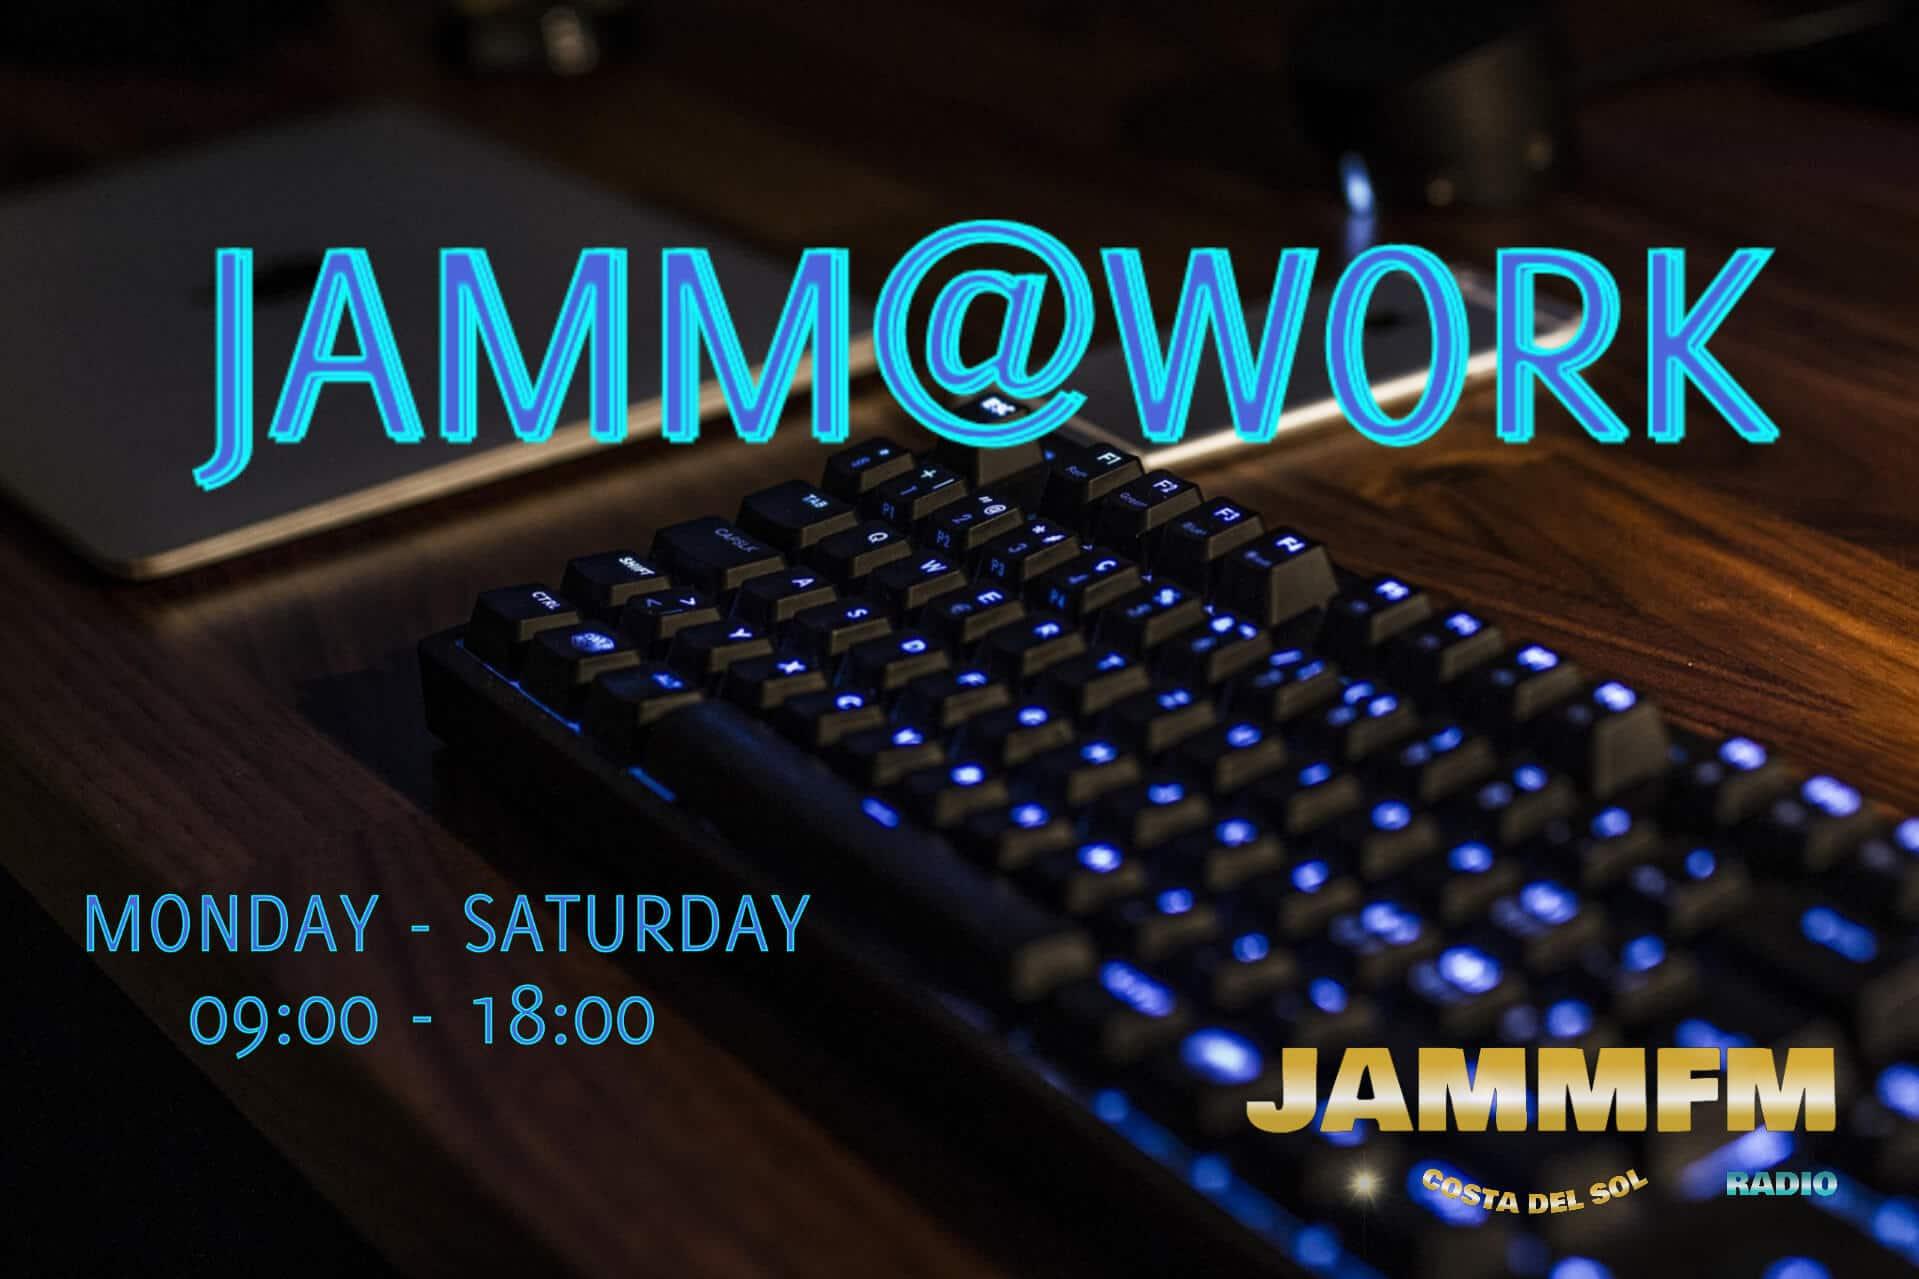 JAMM@WORK